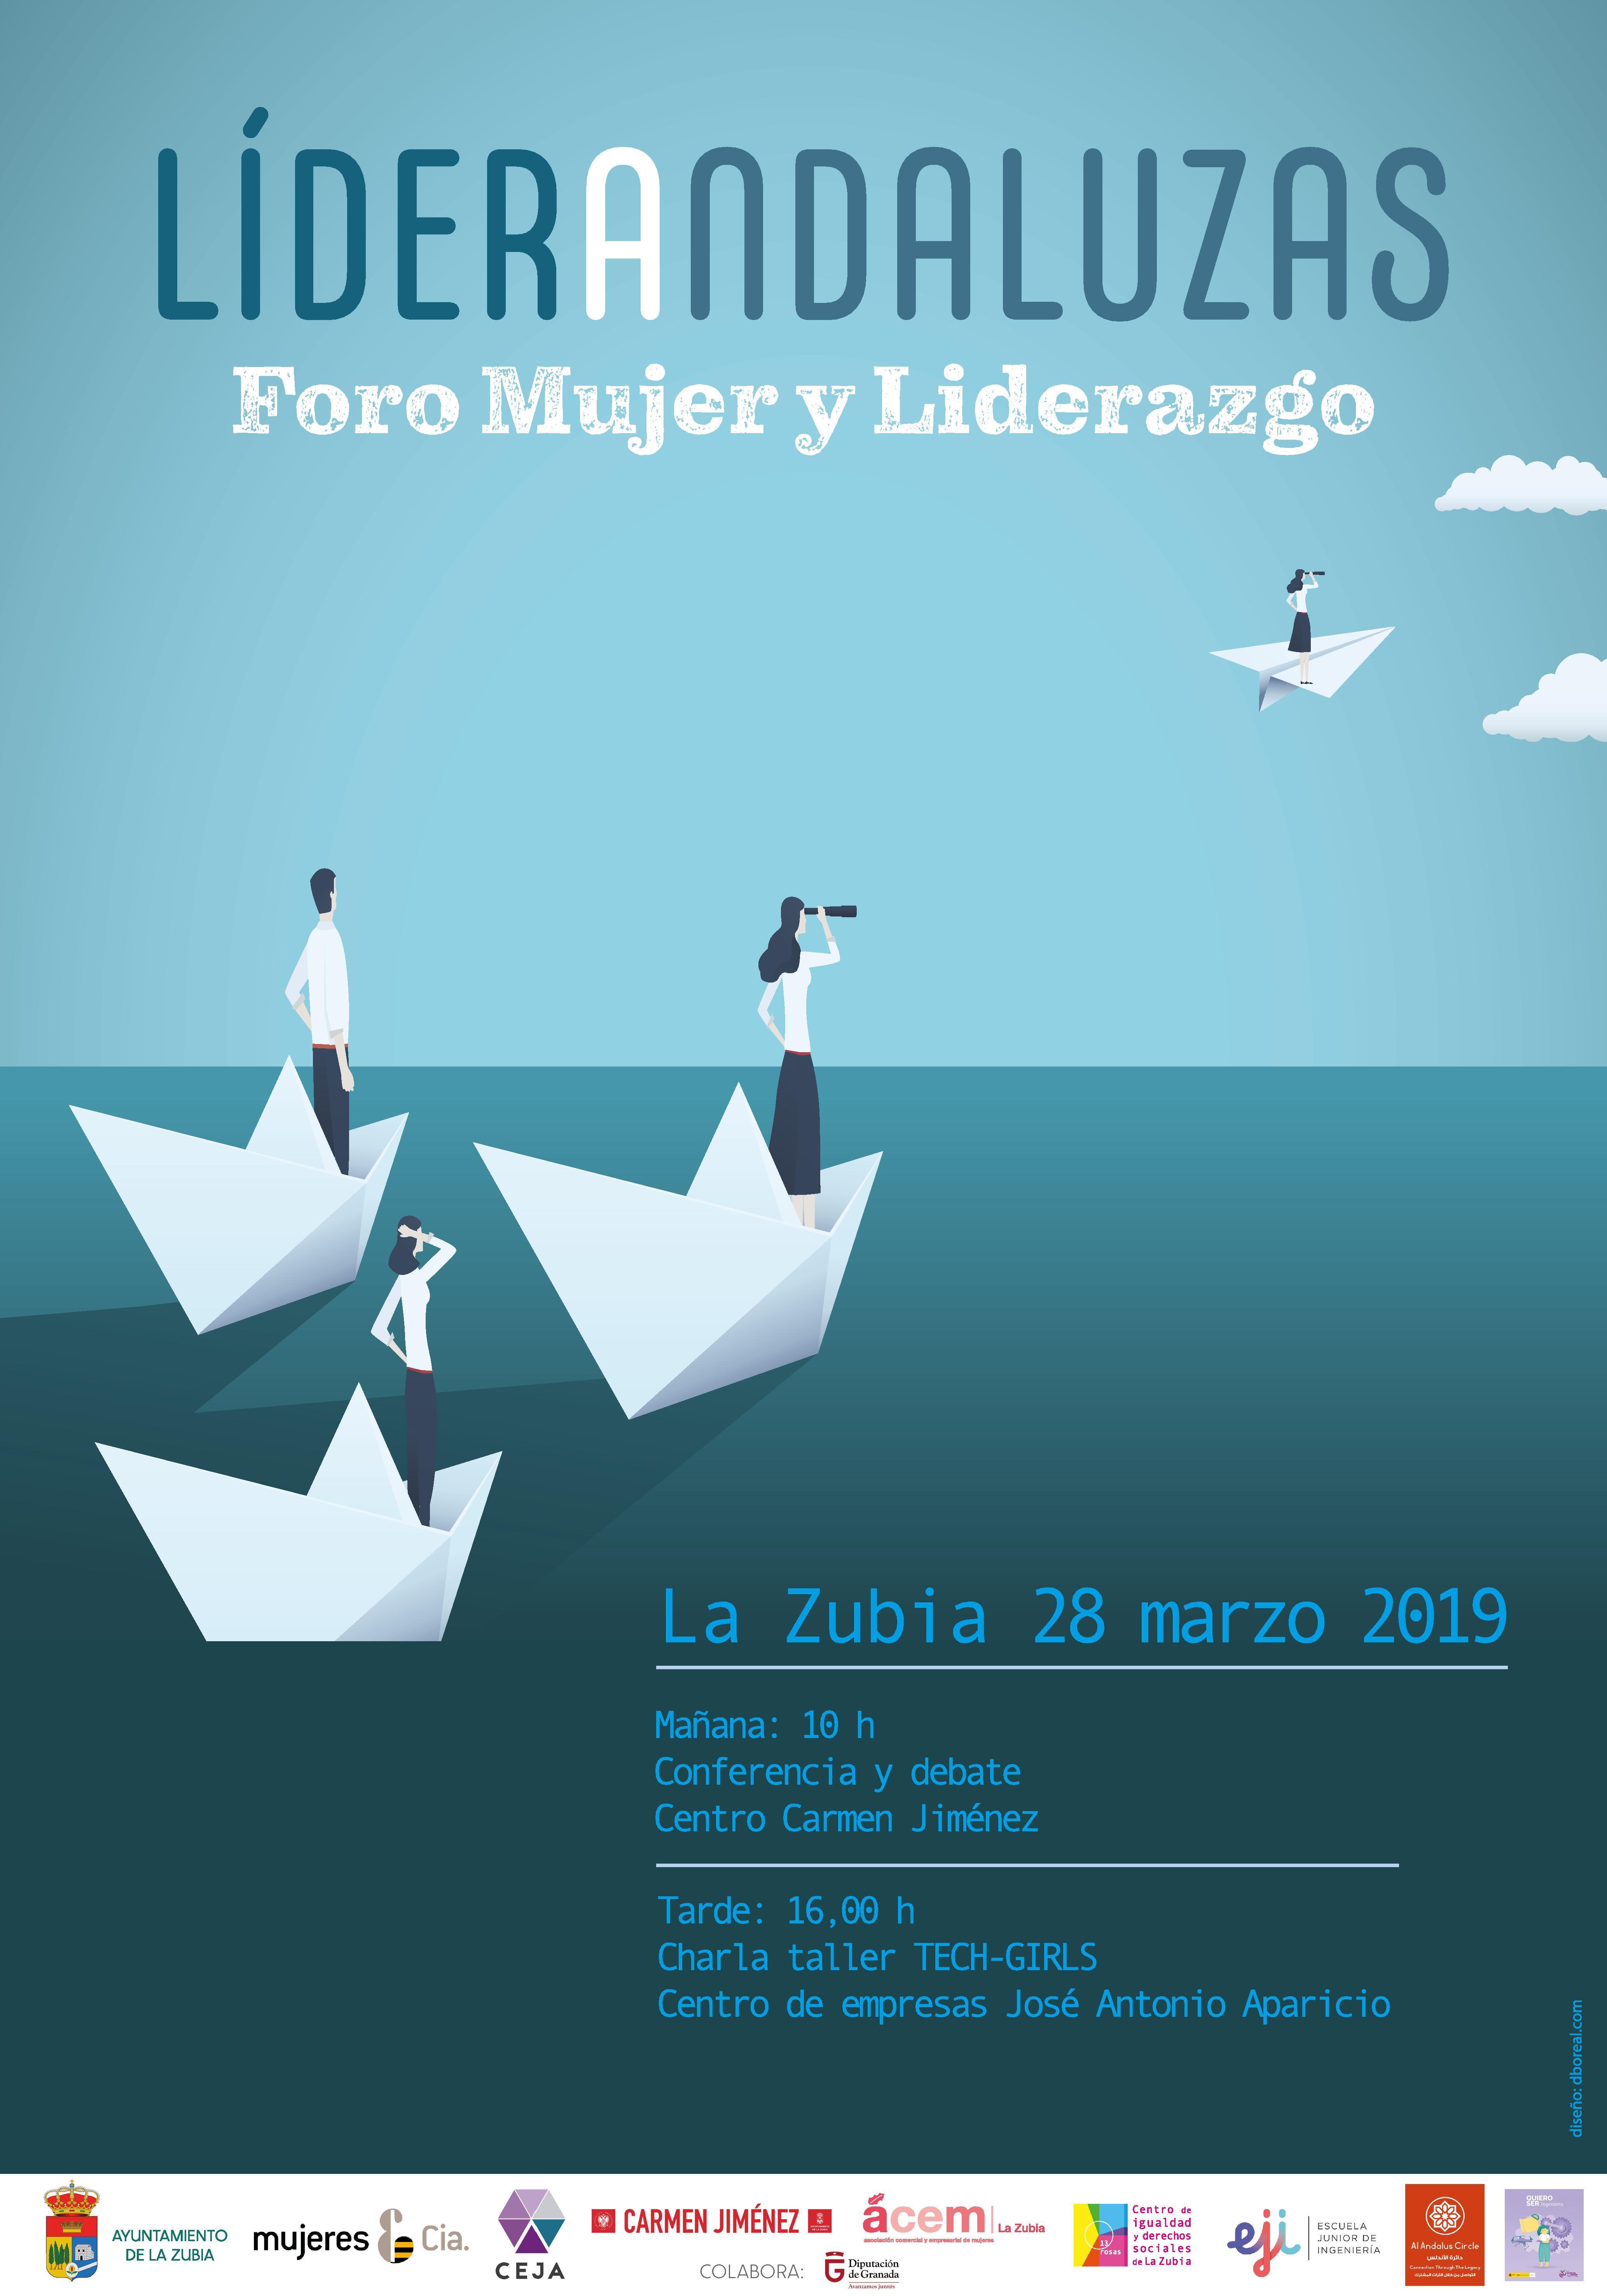 La Zubia acoge el foro LíderAndaluzas, sobre mujer y liderazgo